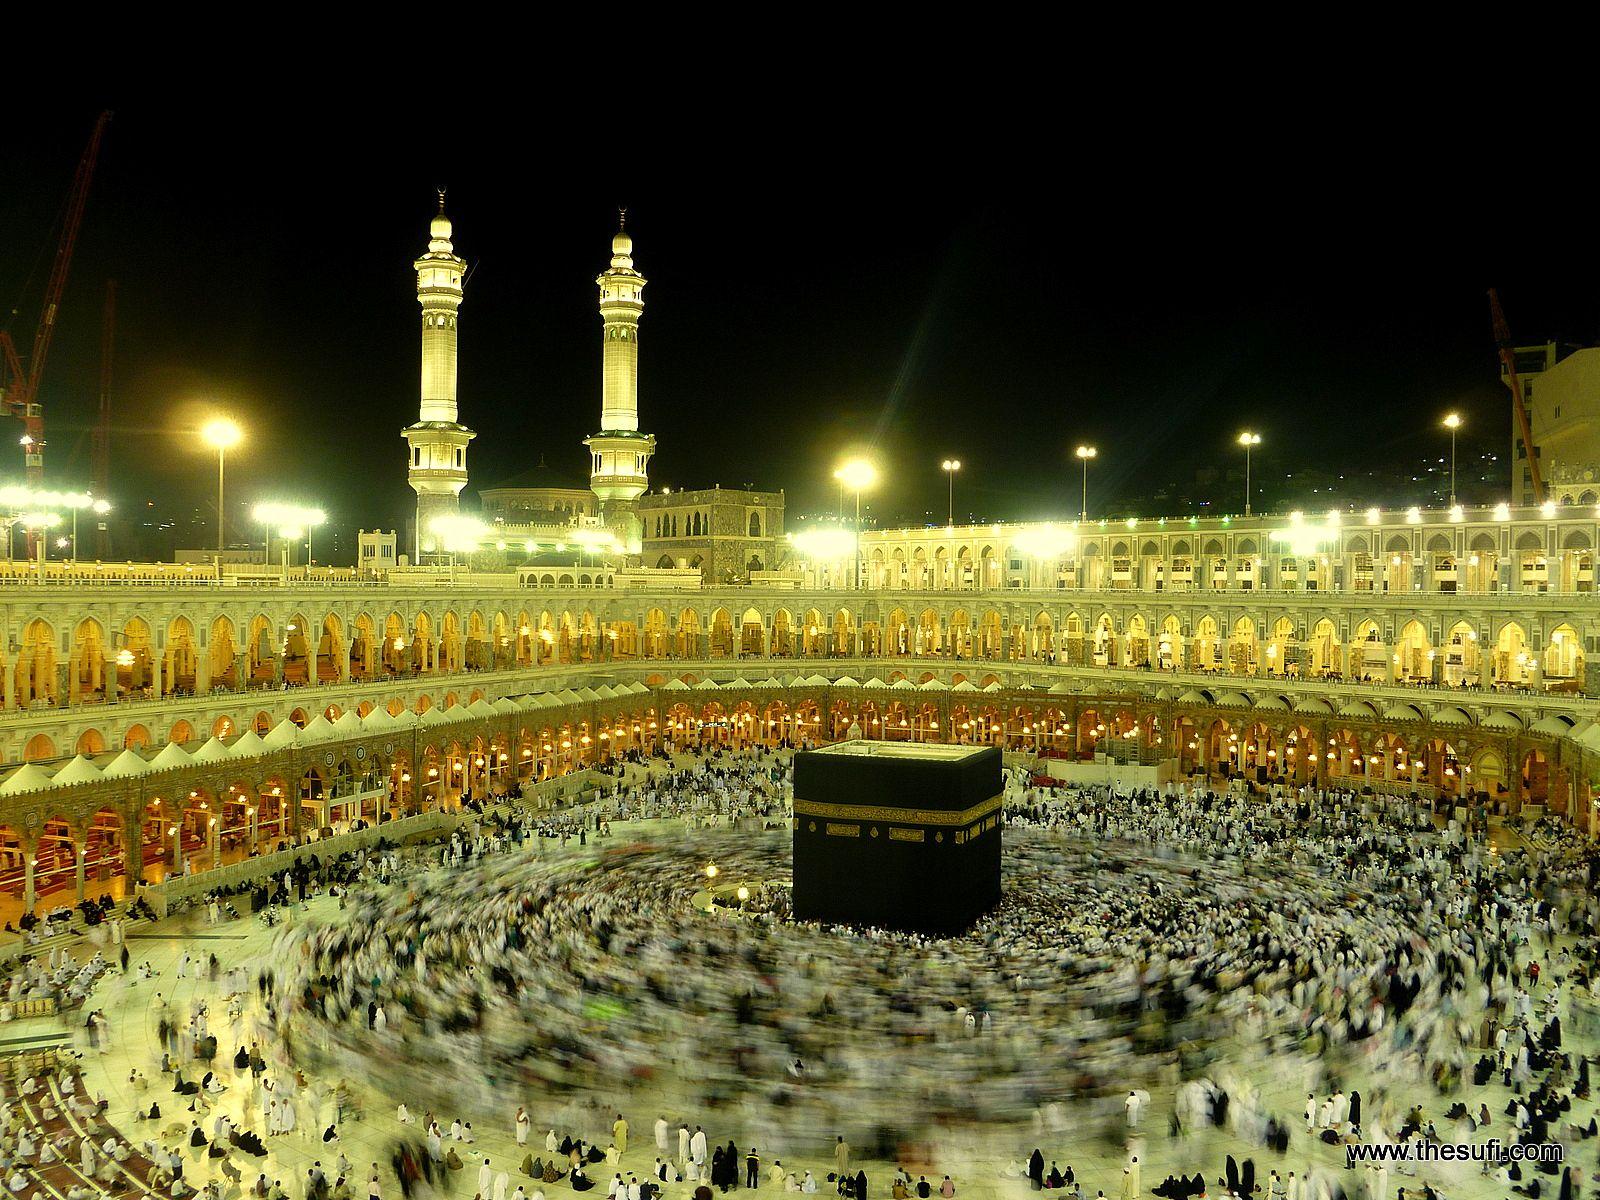 kaaba at  masjid e haraam  makkah  muazma wallpaper 1600pxjpg large 1600x1200